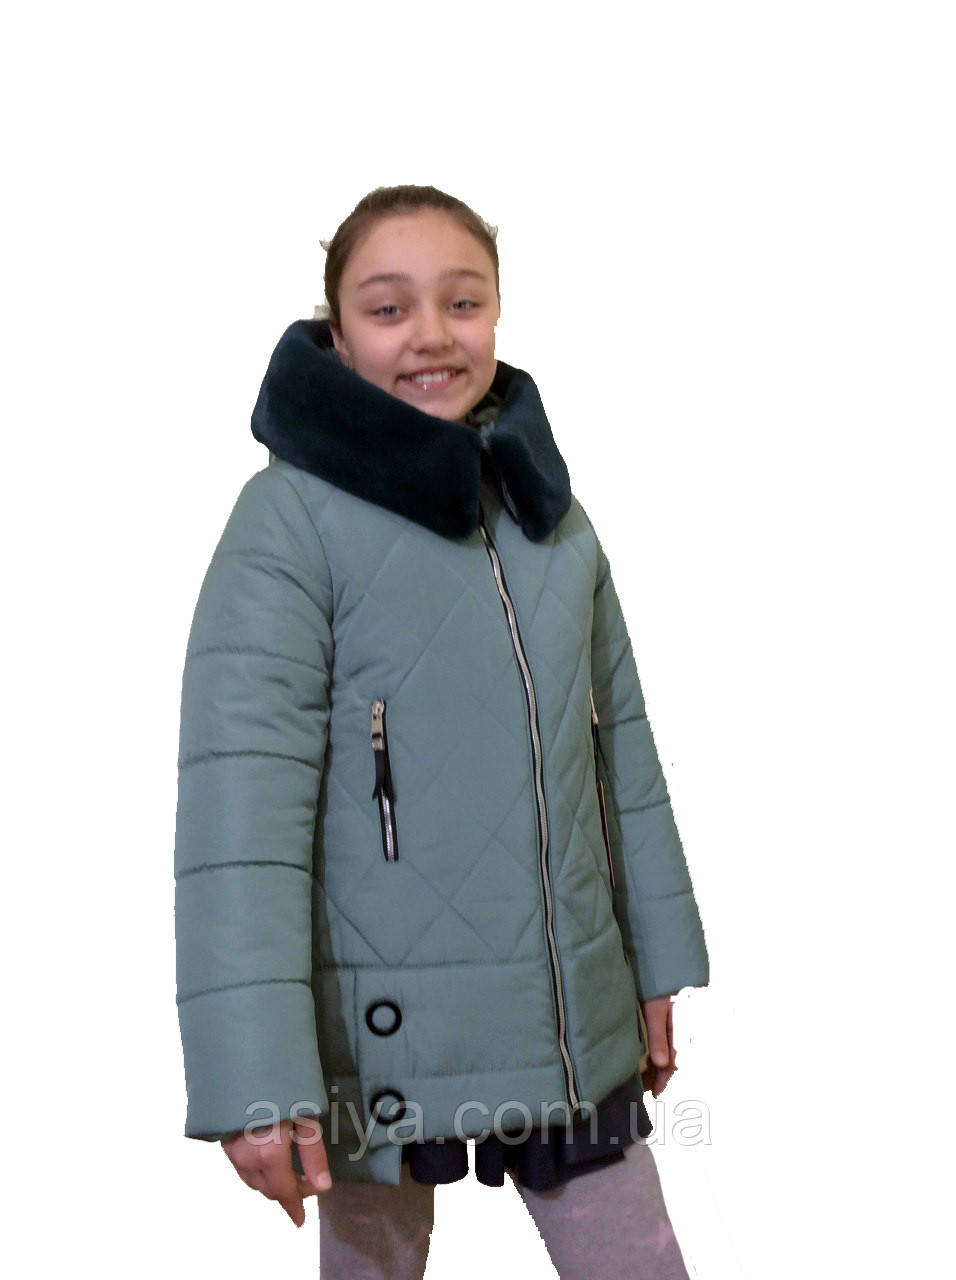 """Зимнее подростковое пальто для девочки """"Ромб"""" мятного цвета от asiya.com.ua"""